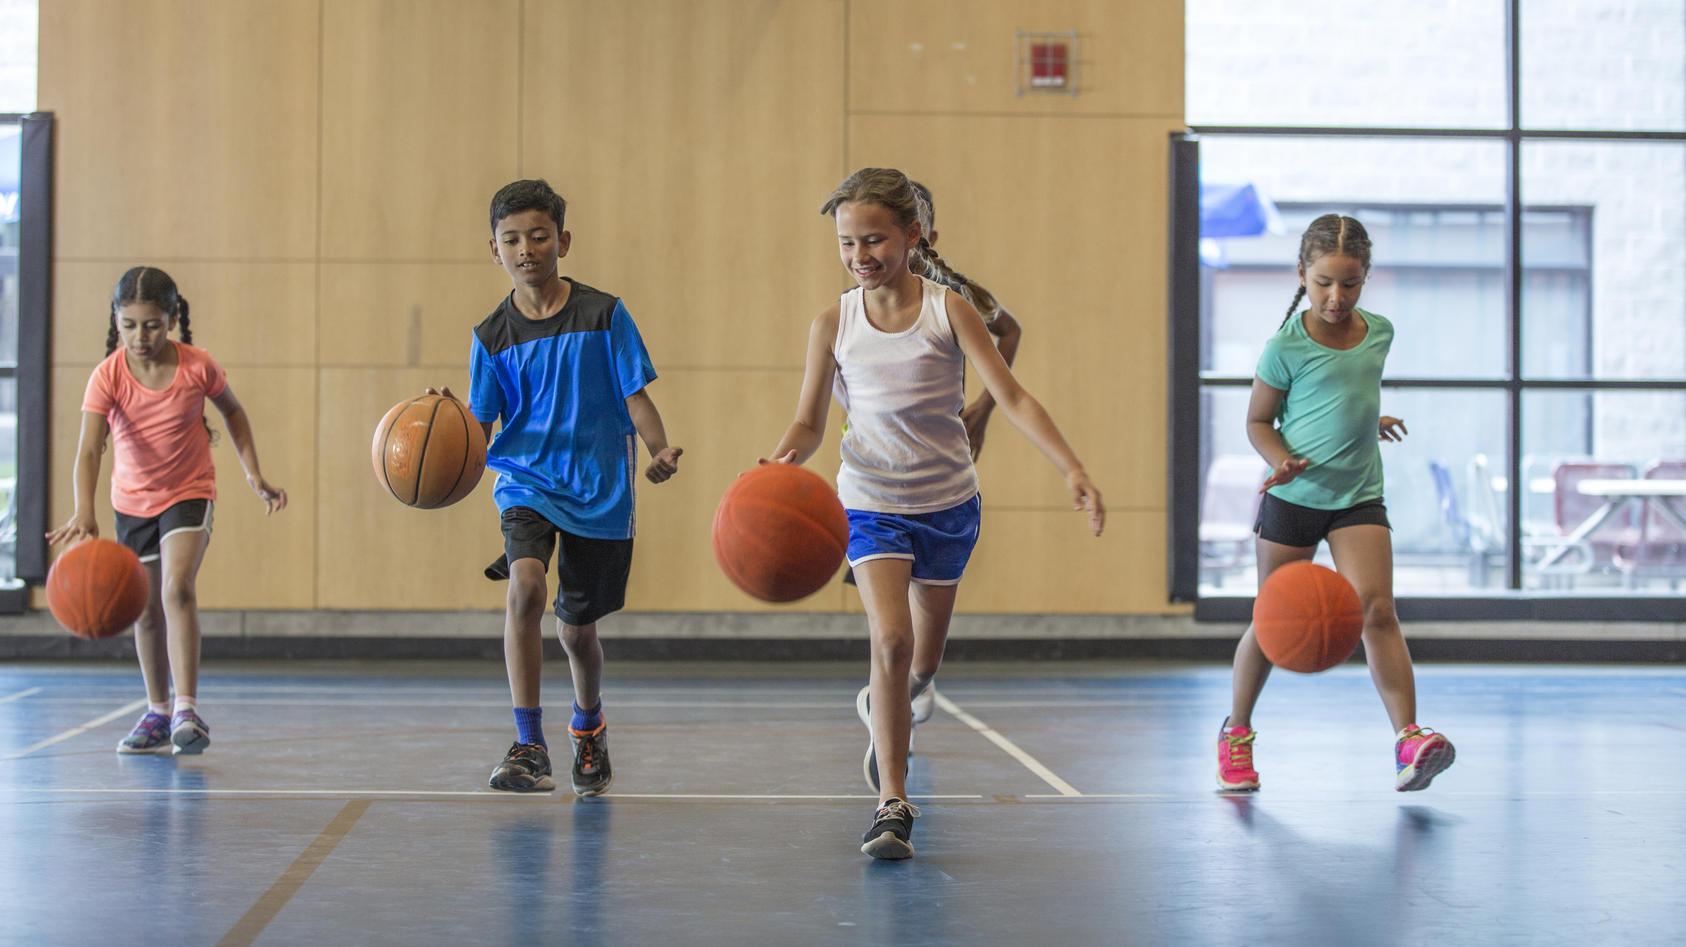 Beim Schulsport bewegen sich unsere Kinder - aber reicht das auch?